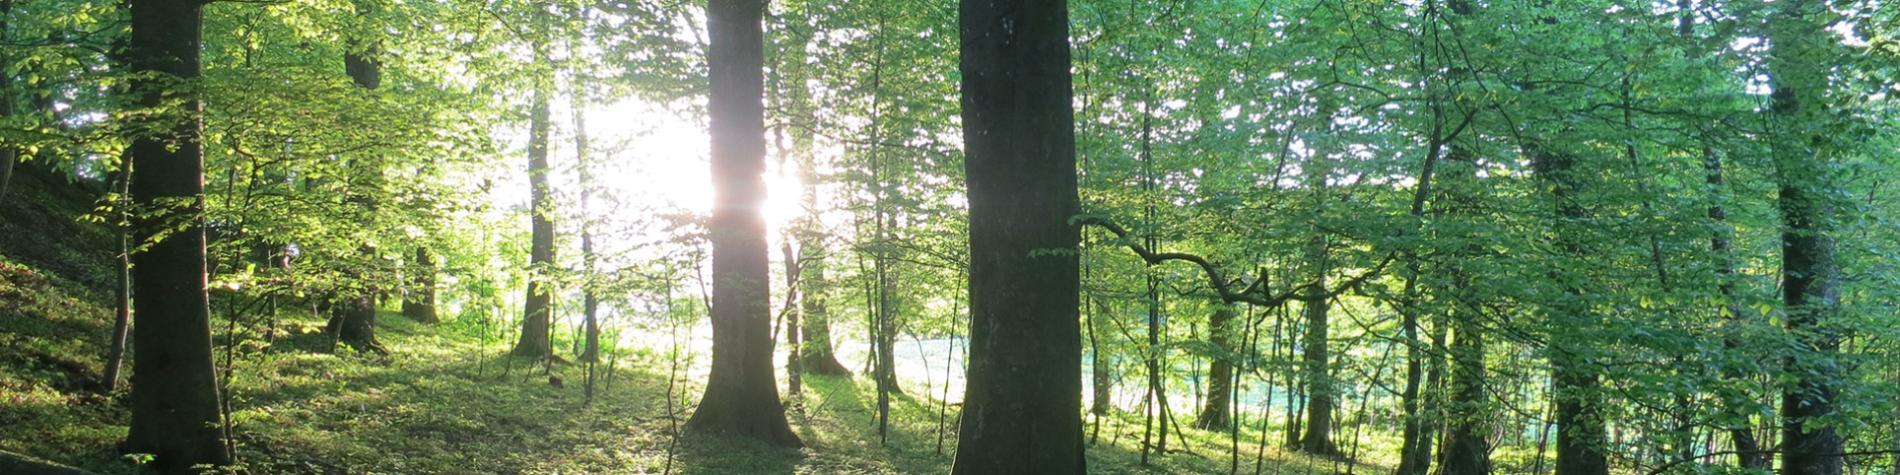 Défi Nature A.S.B.L. - Forêt